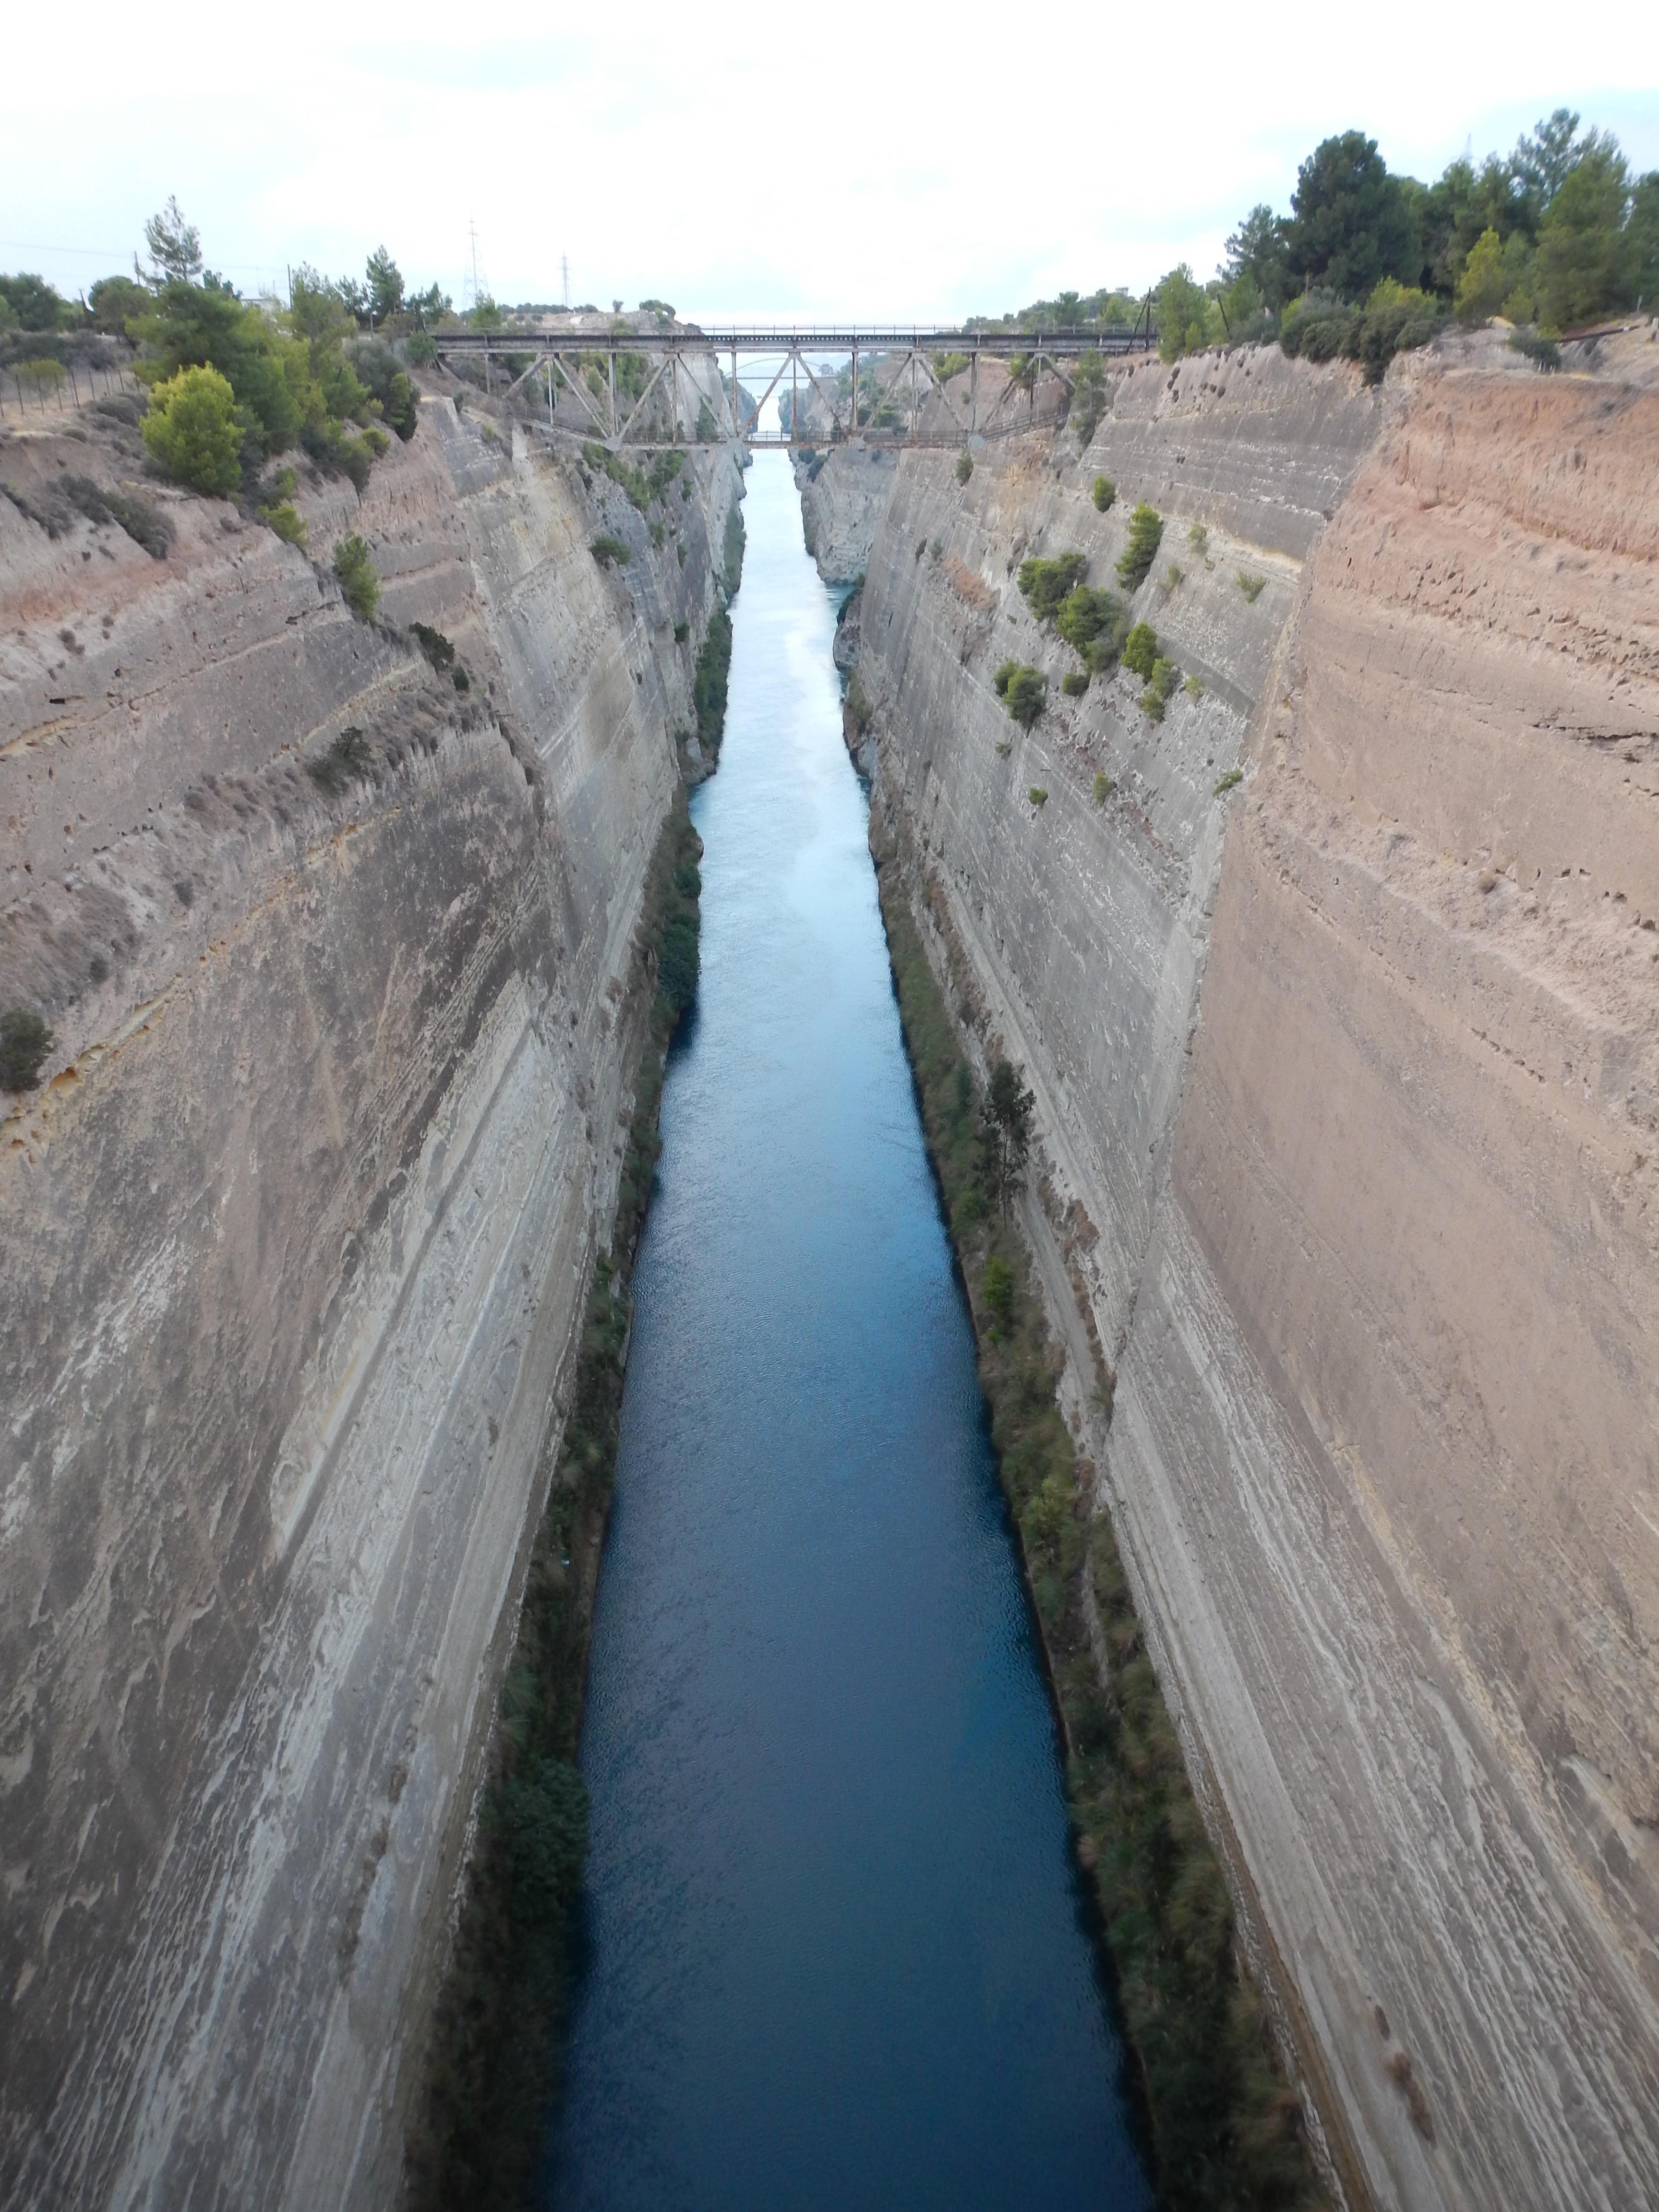 Grèce - Destination Météores par trail rando 161003035145235543